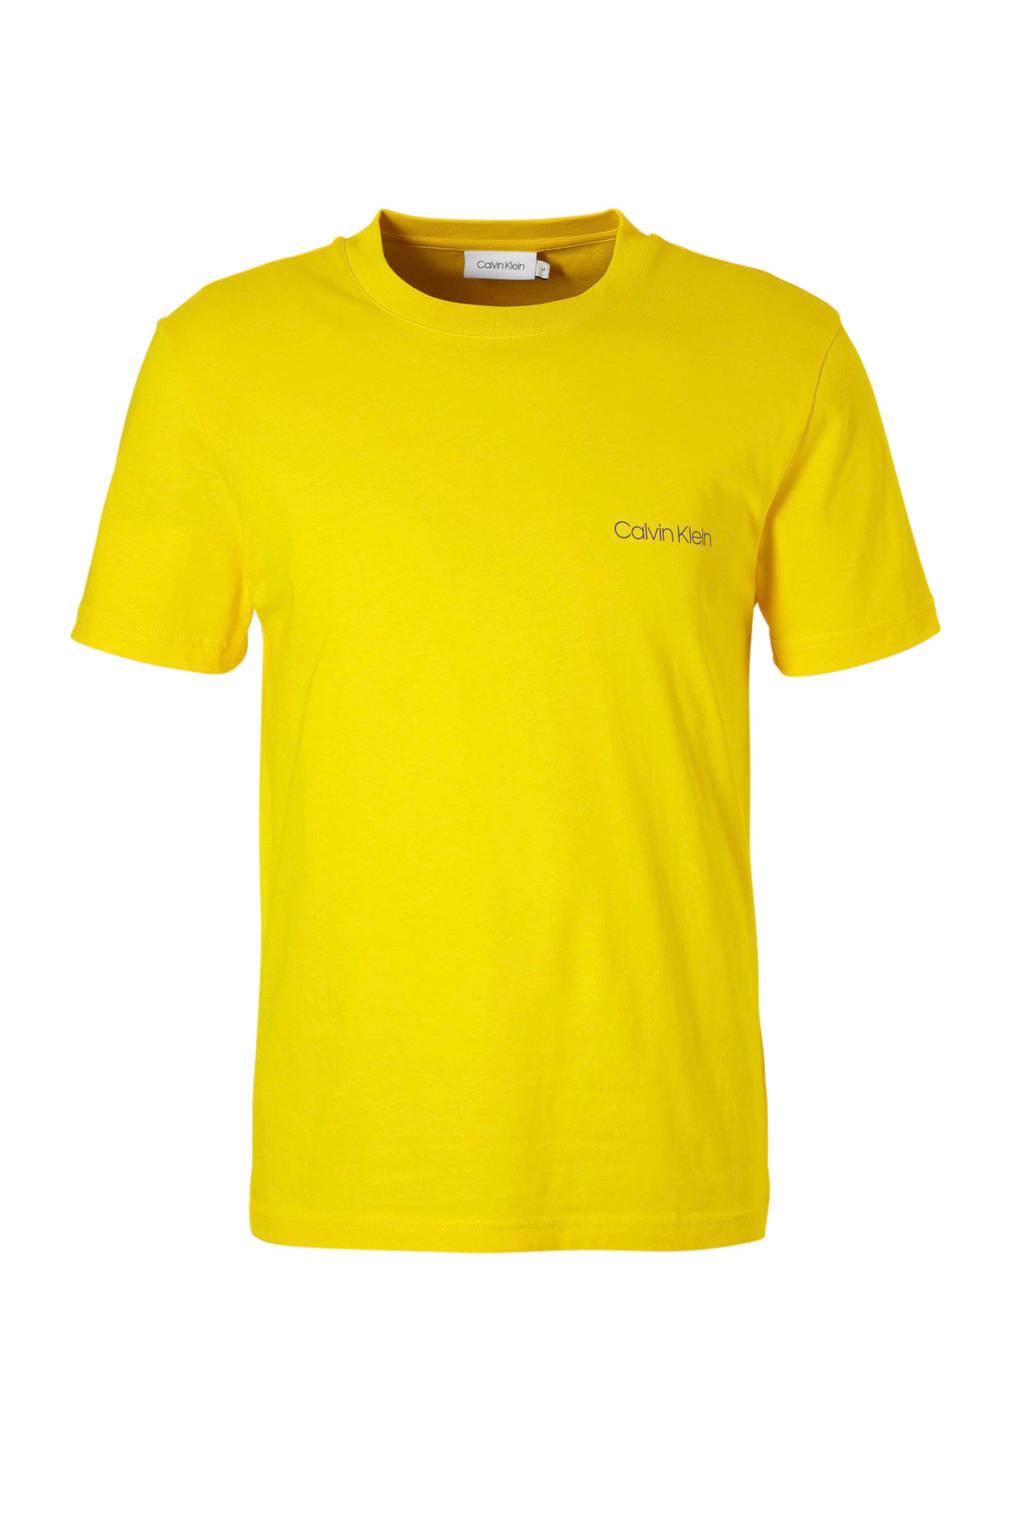 Calvin Klein T-shirt, Geel